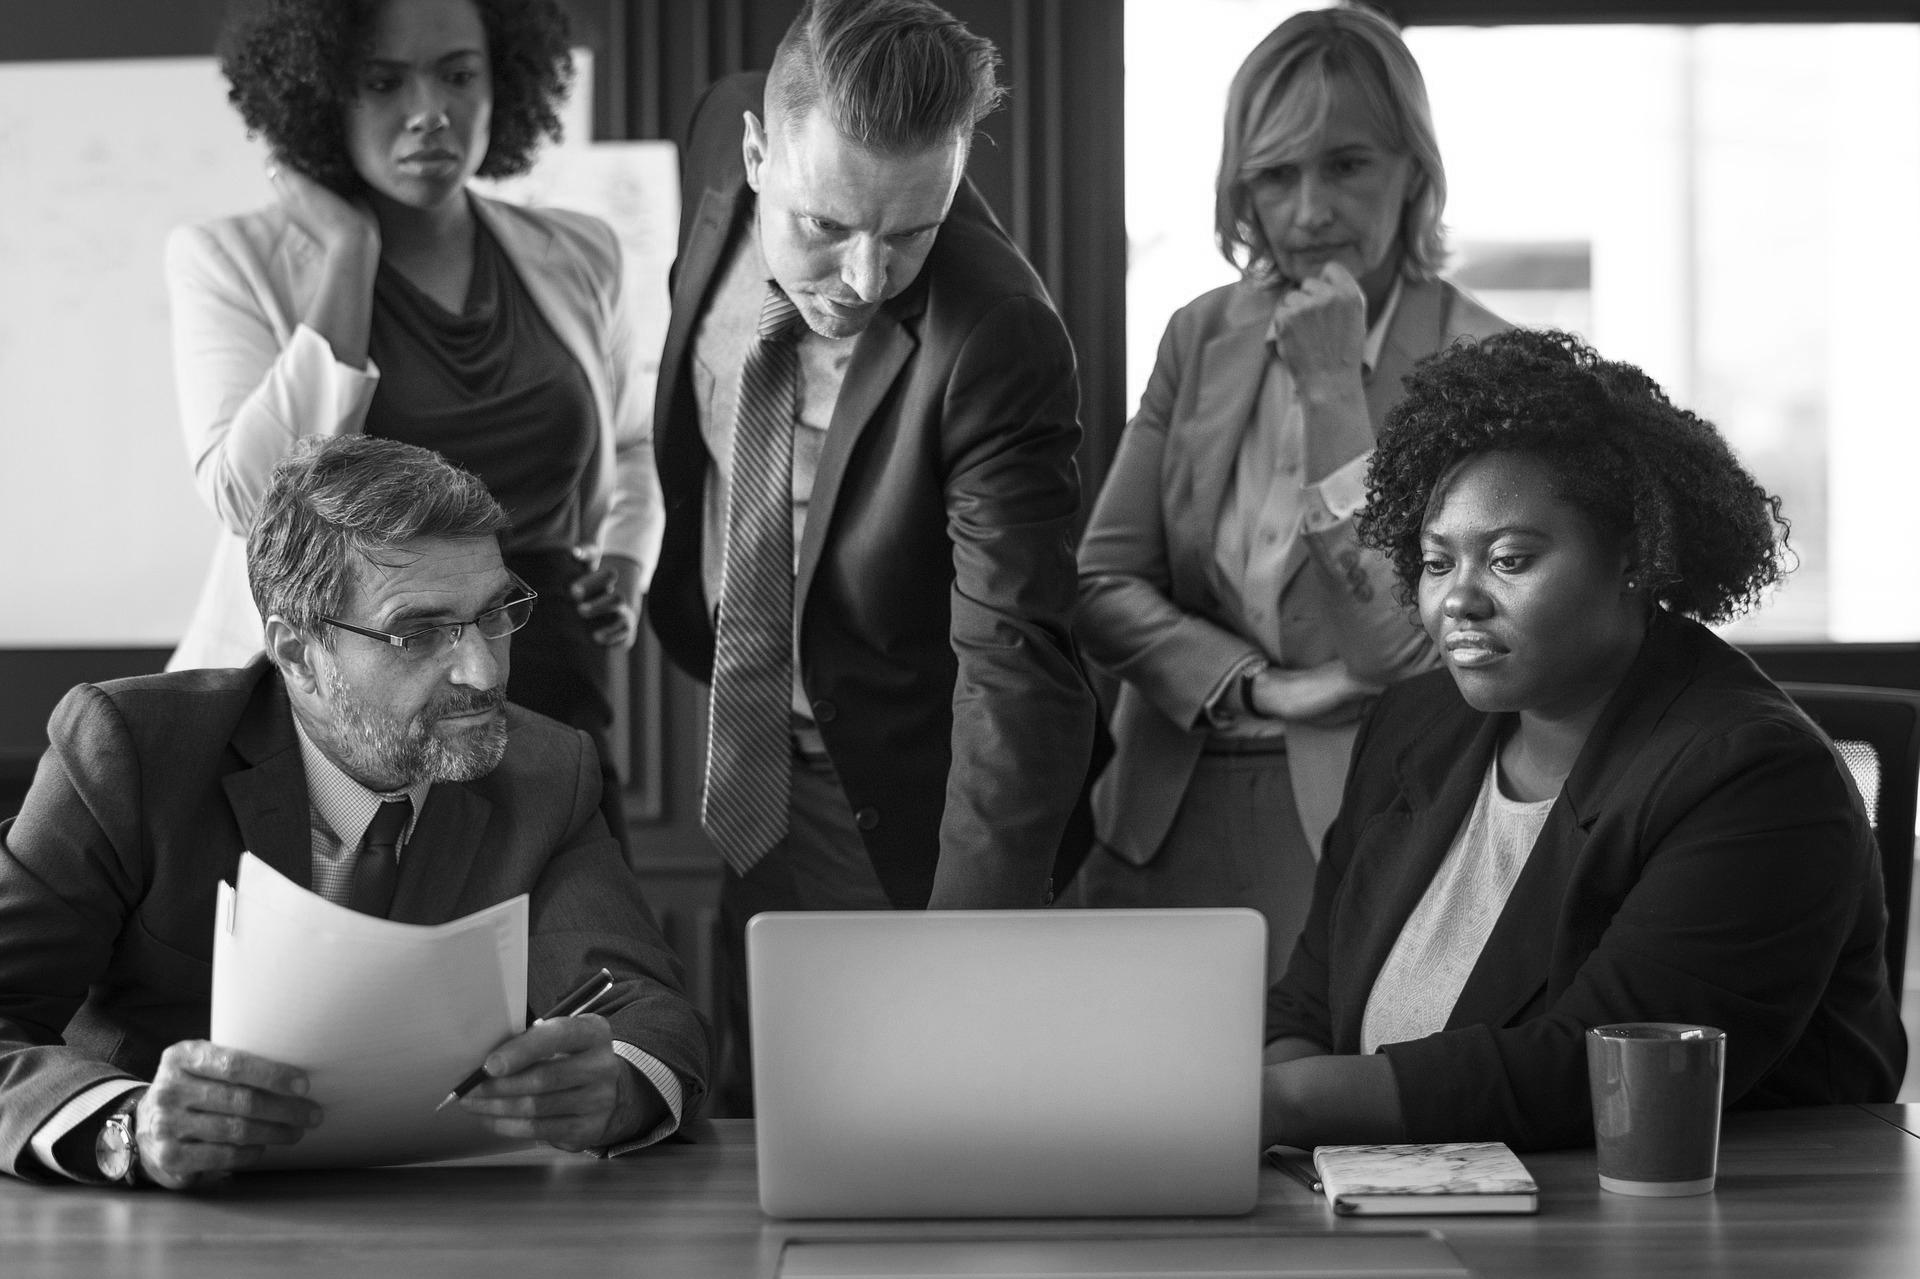 """Augenhöhe herstellen - Inhouse-Seminar mit Andreas Steffen""""Von unseren internen und externen Auftraggebern wollen wir zukünftig als strategische Partner wahrgenommen werden. Bisher sehen sie uns lediglich als reine Dienstleister oder Erfüllungsgehilfen. Das möchten wir jetzt ändern.""""Genau bei solch eine Zielstellung unterstützt dieses ganztägige Seminar Ihr Team und Ihre Abteilung. Anhand eines simplen Modells werden Sie ausprobieren und üben, wie die gewünschte Augenhöhe erreicht werden kann – auch in schwierigen Situationen. Praktische Übungen helfen Ihnen dabei, diese Fähigkeiten in den beruflichen Alltag zu übertragen.Zum Seminar-Angebot"""